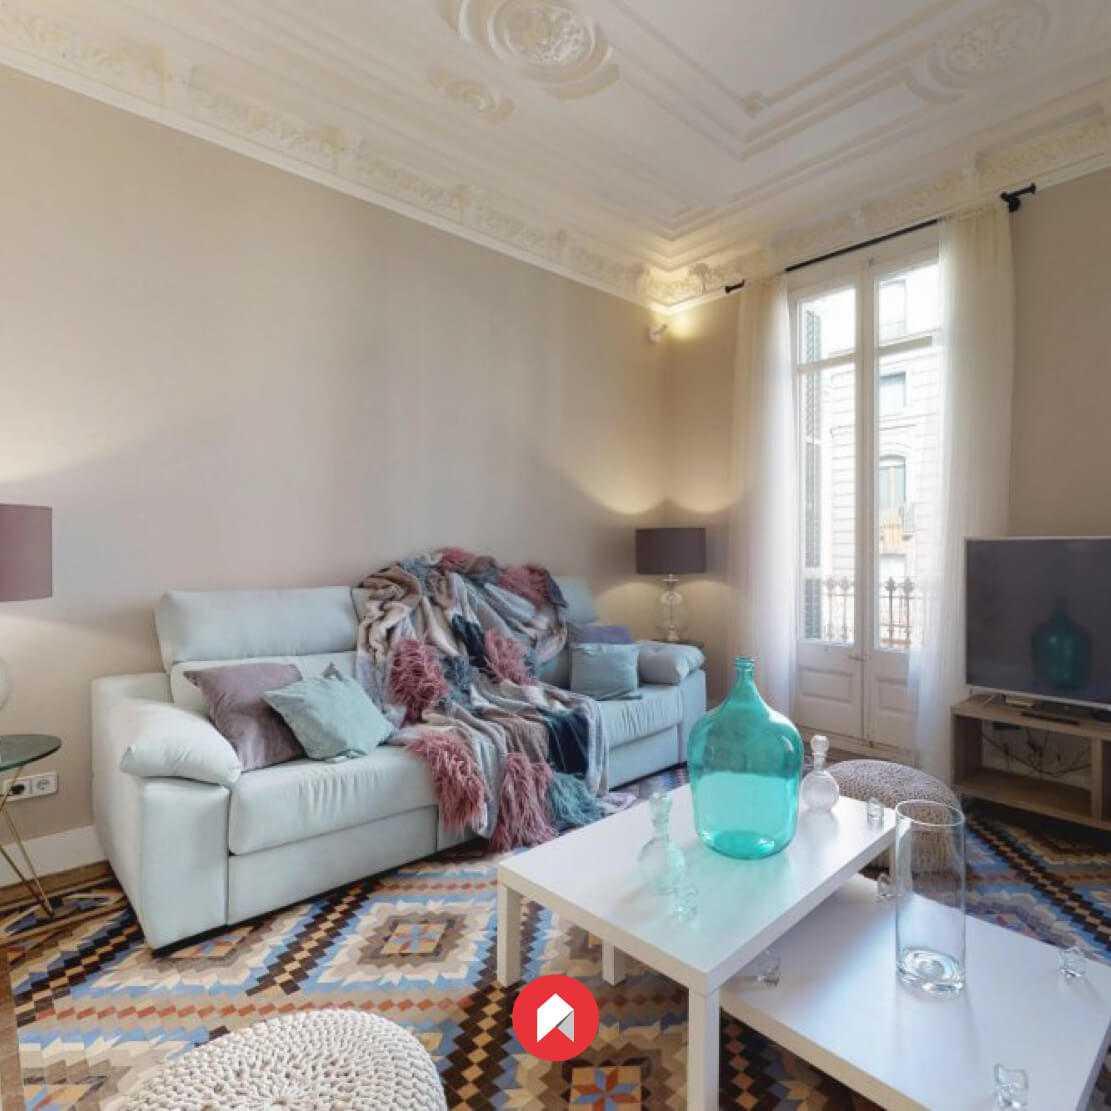 Marbà | Servicios inmobiliarios barcelona - Gestión patrimonial